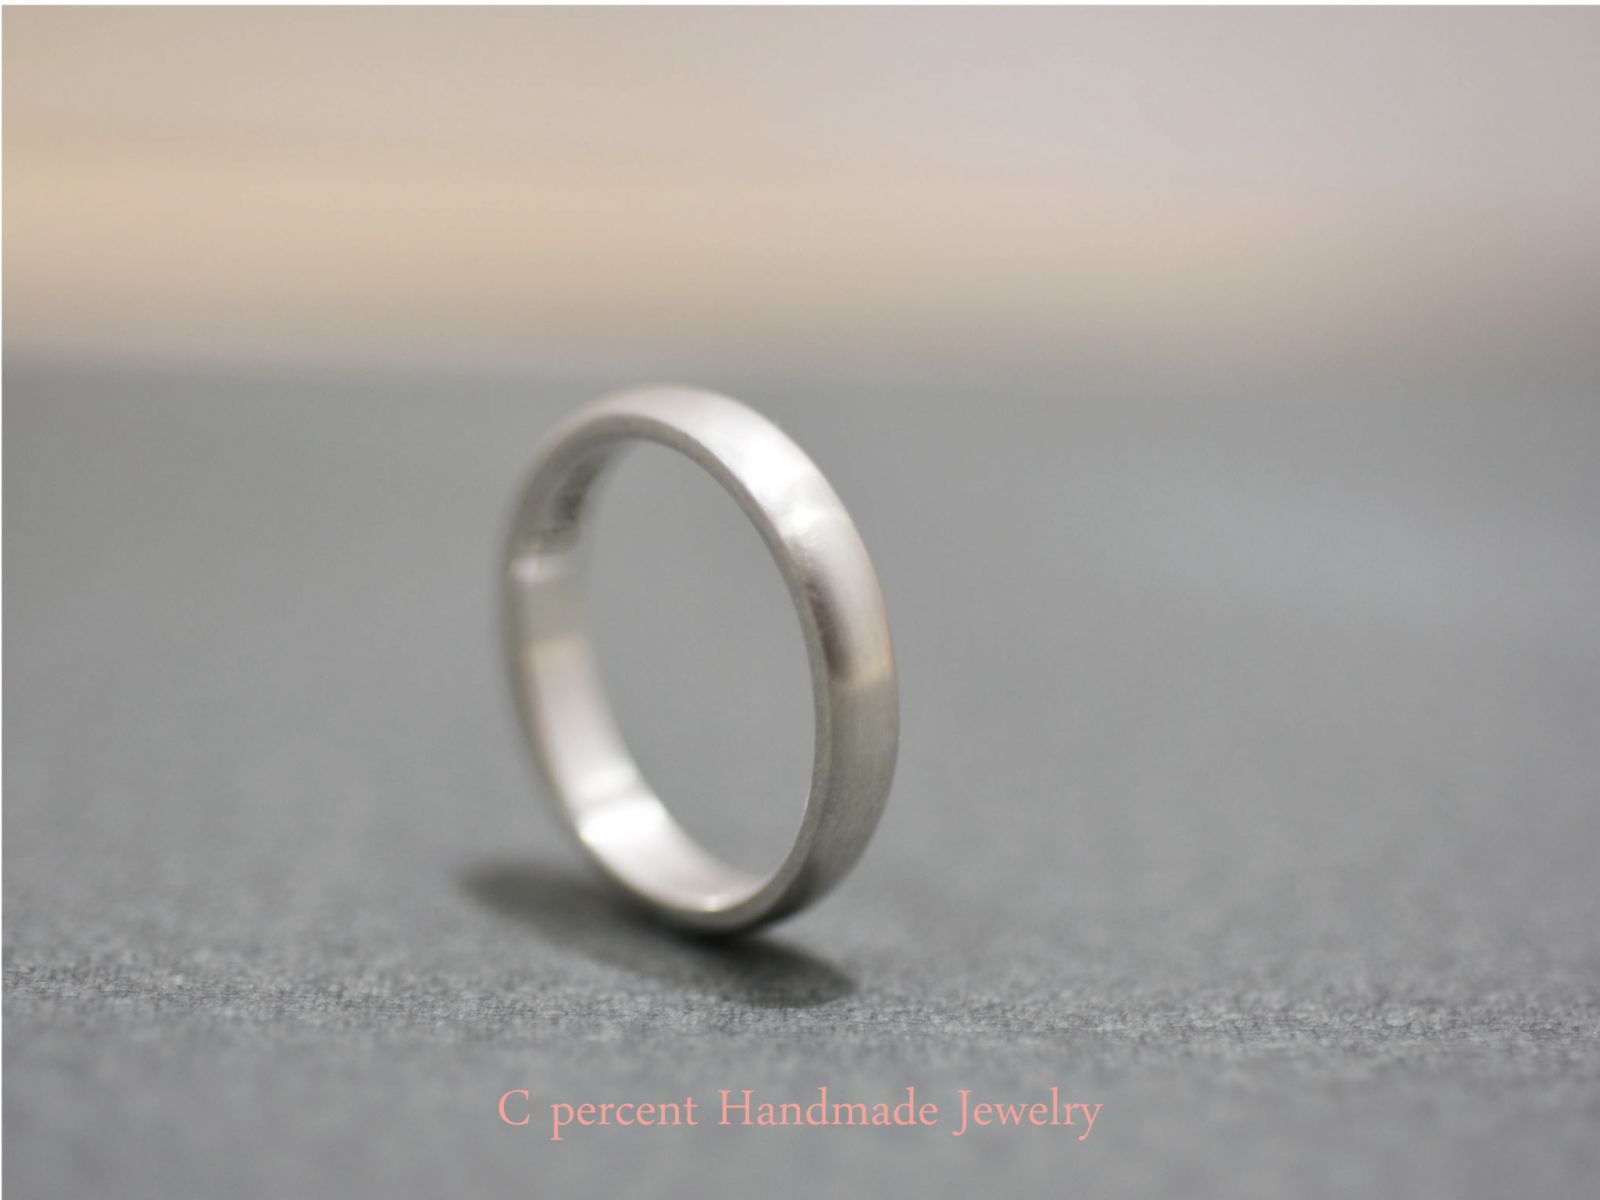 【素面刻字戒指】K Lynn 情侶對戒 (純銀戒指) 霧面質感 - 客製化訂做 - C percent手工飾品